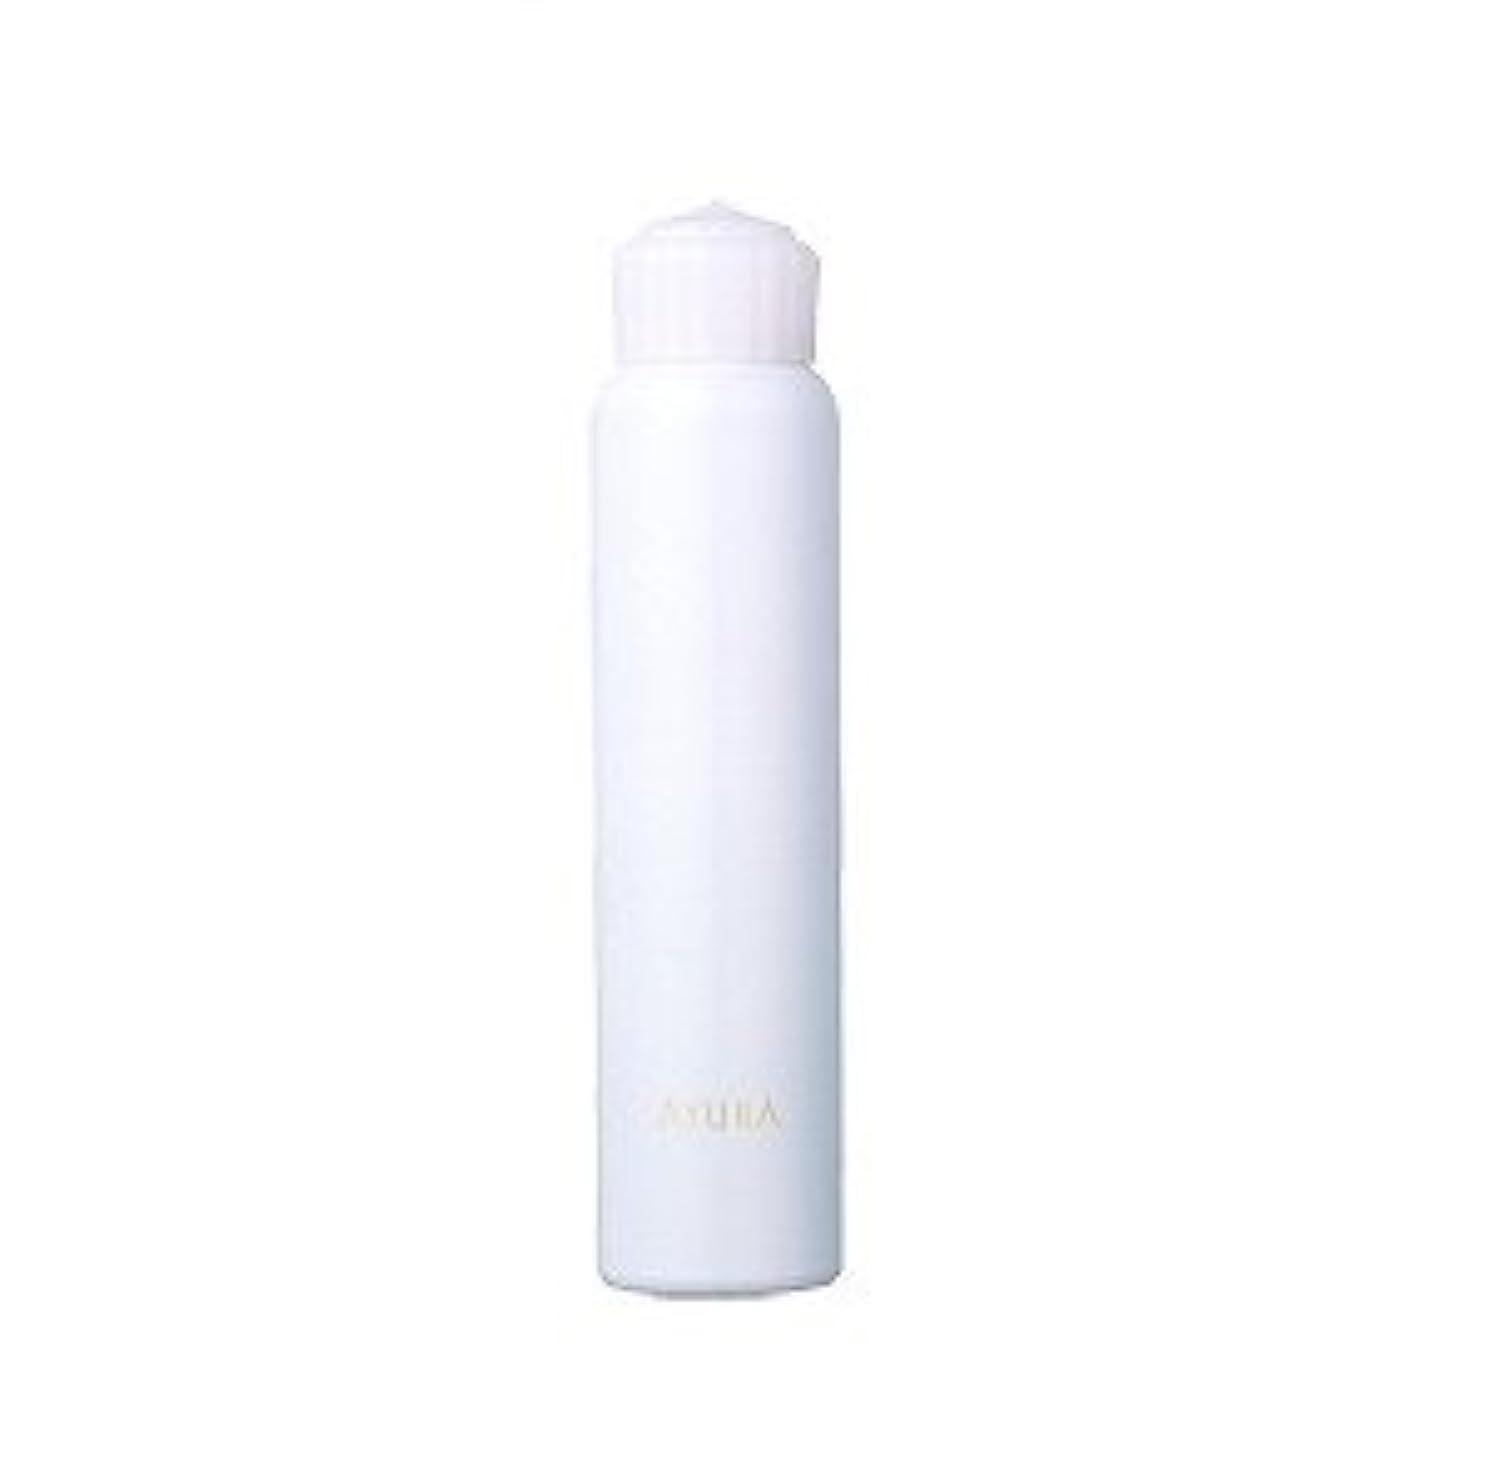 アユーラ ホワイトニング マルチシャワー 125g 化粧水